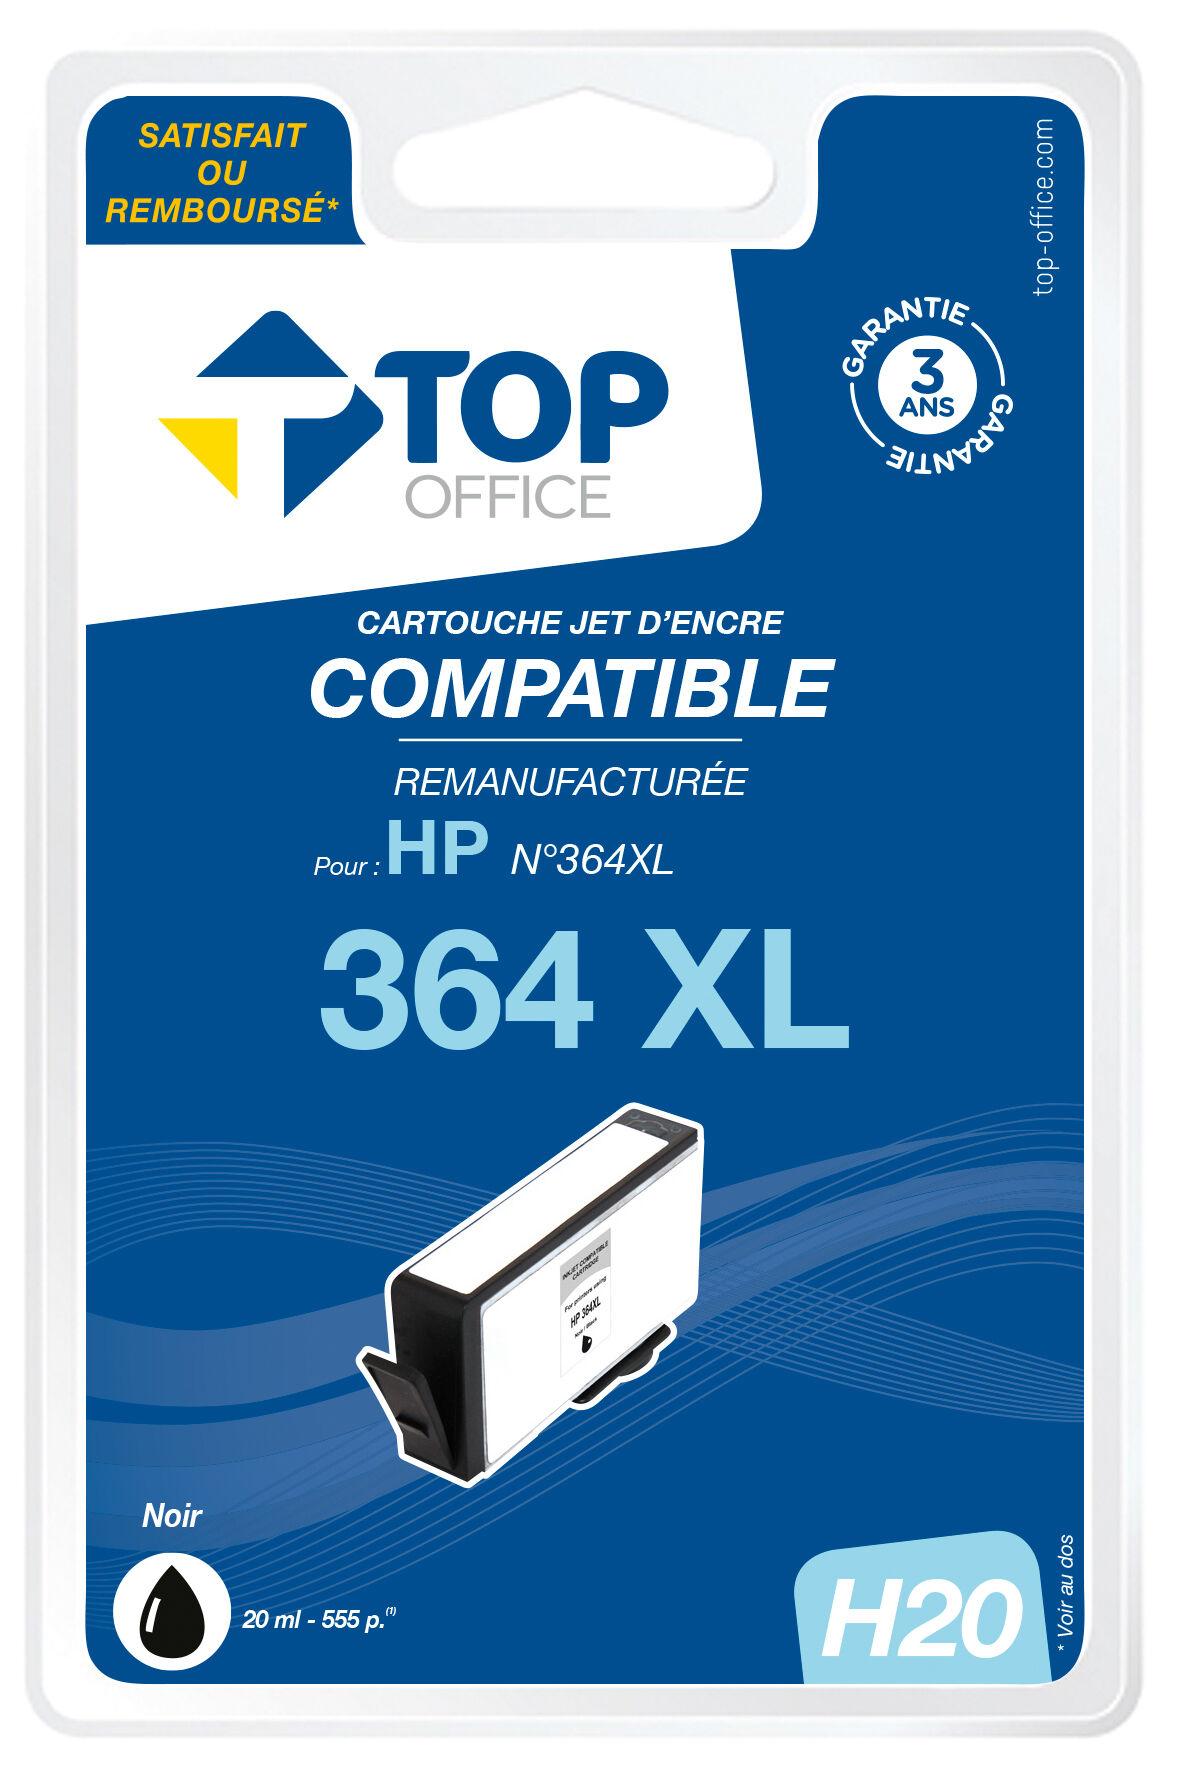 TOP OFFICE Cartouche jet d'encre compatible HP : 364 XL - TOP OFFICE - Noir